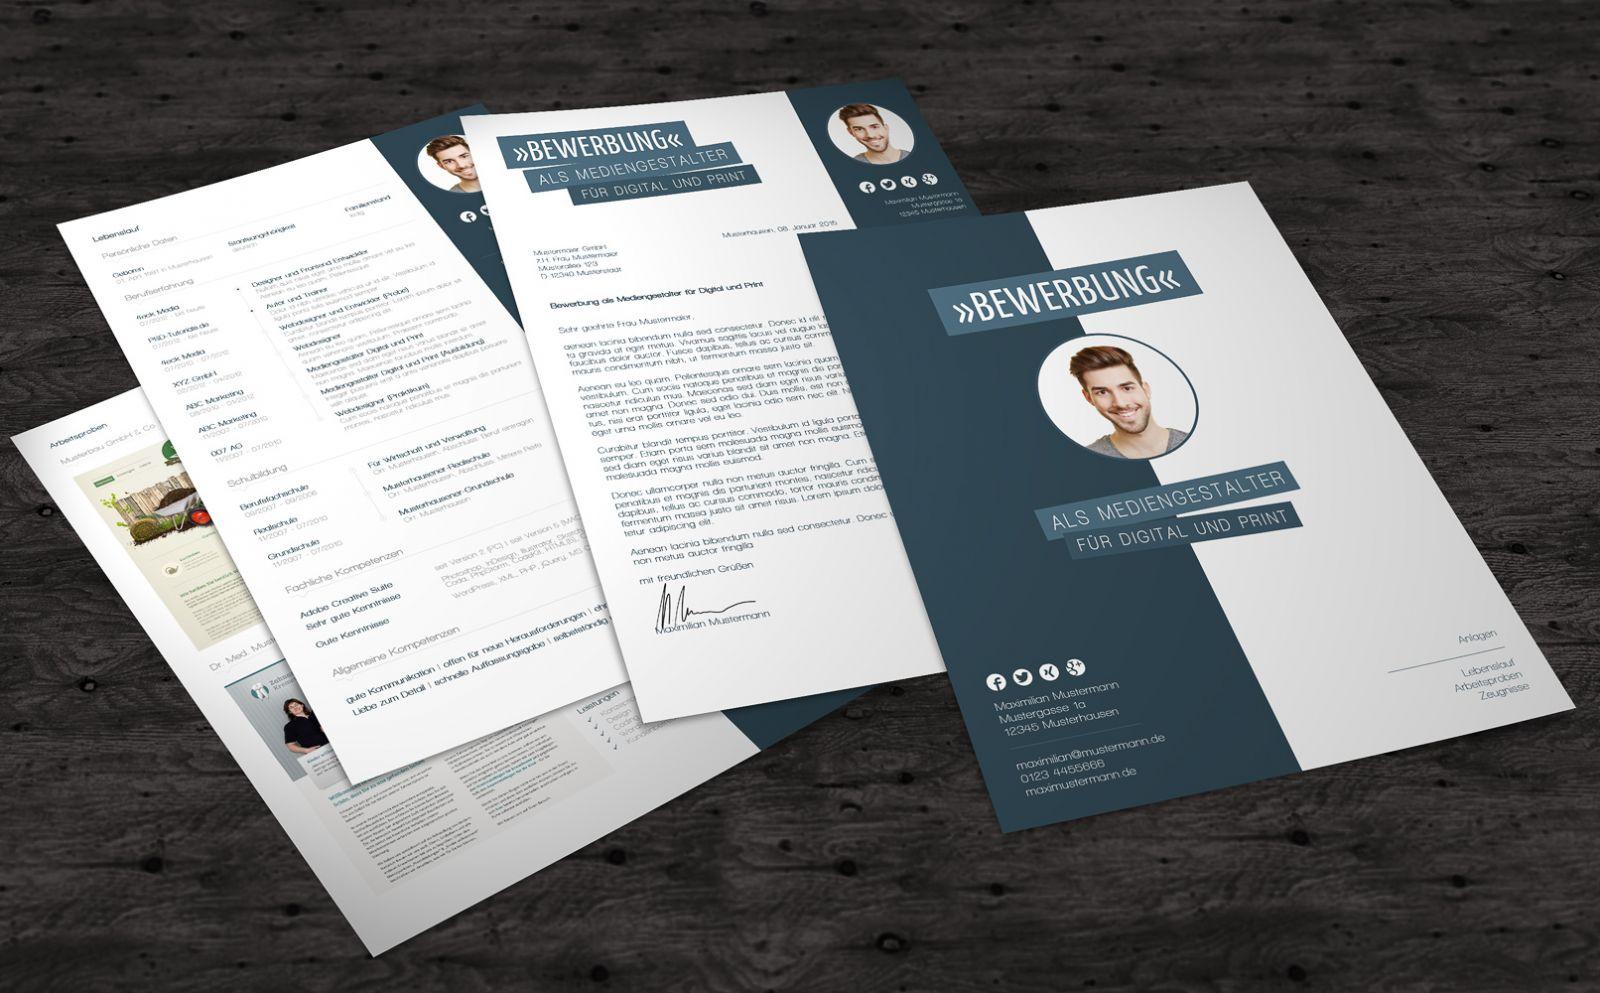 Bewerbungsvorlagen – Bewerbungsmuster – Deckblatt – Anschreiben ...